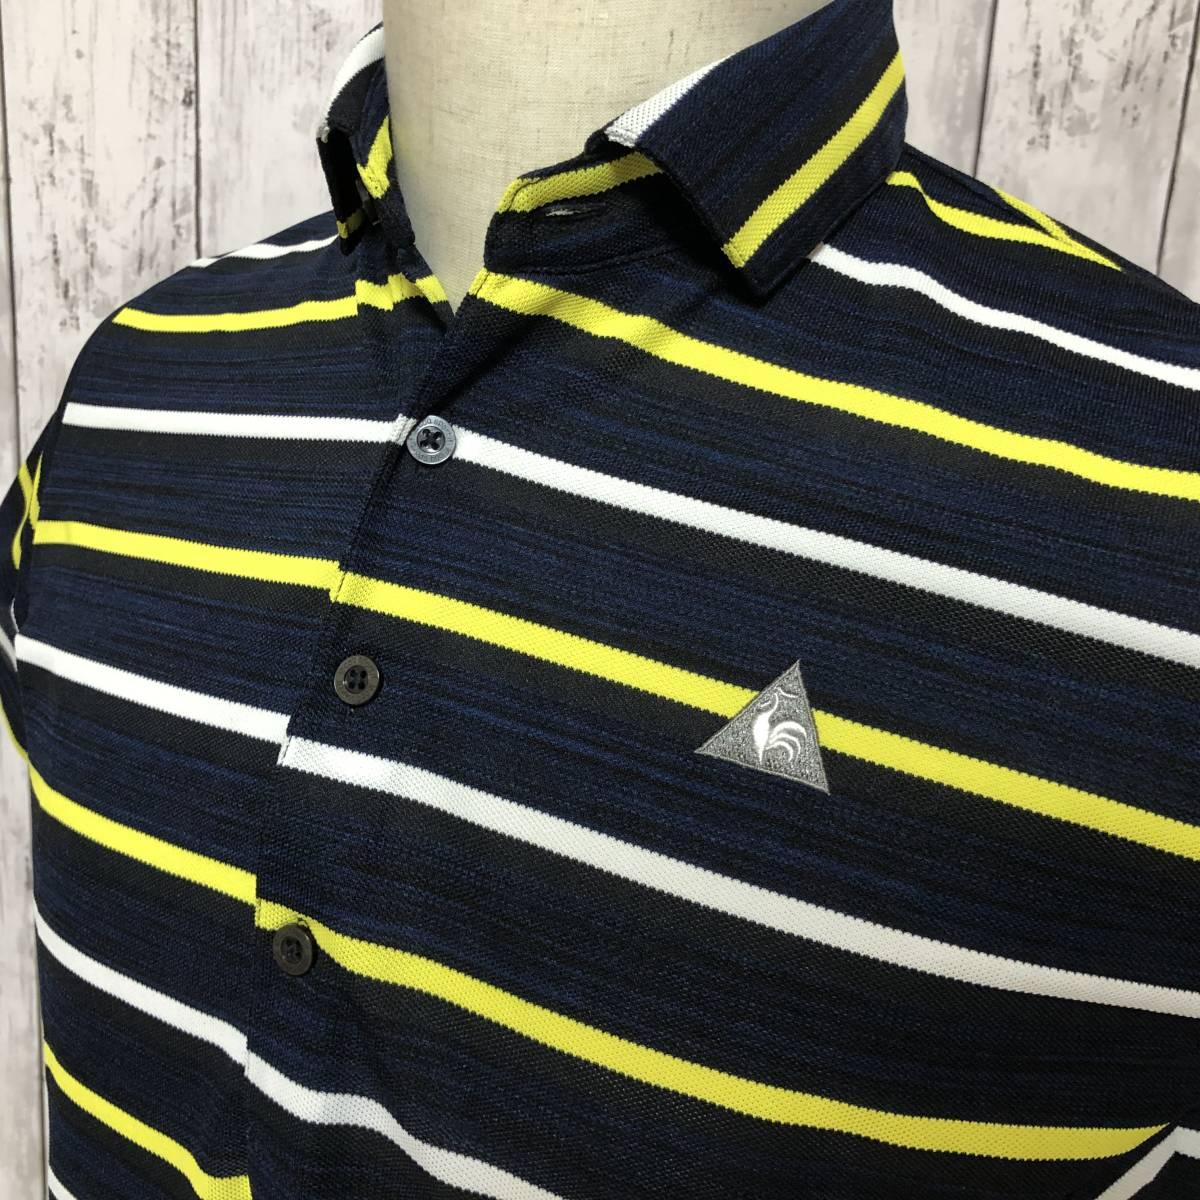 【le coq sportif golf】ルコック ゴルフ ゴルフウェア ポロシャツ 半袖 メンズ Mサイズ 送料無料!_画像5